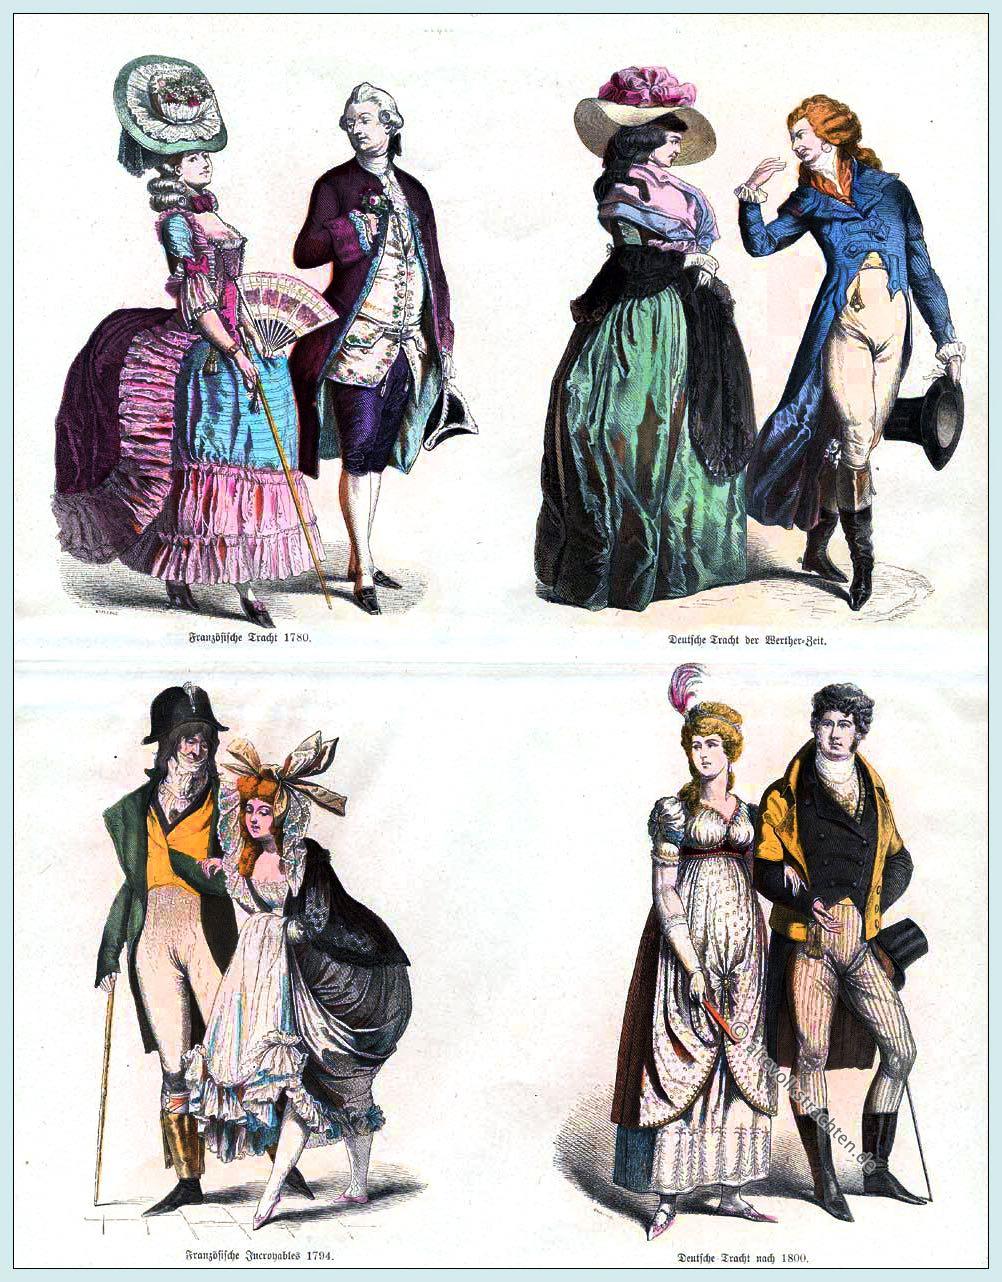 mode des directoire, empire, regency. 1780-1810.